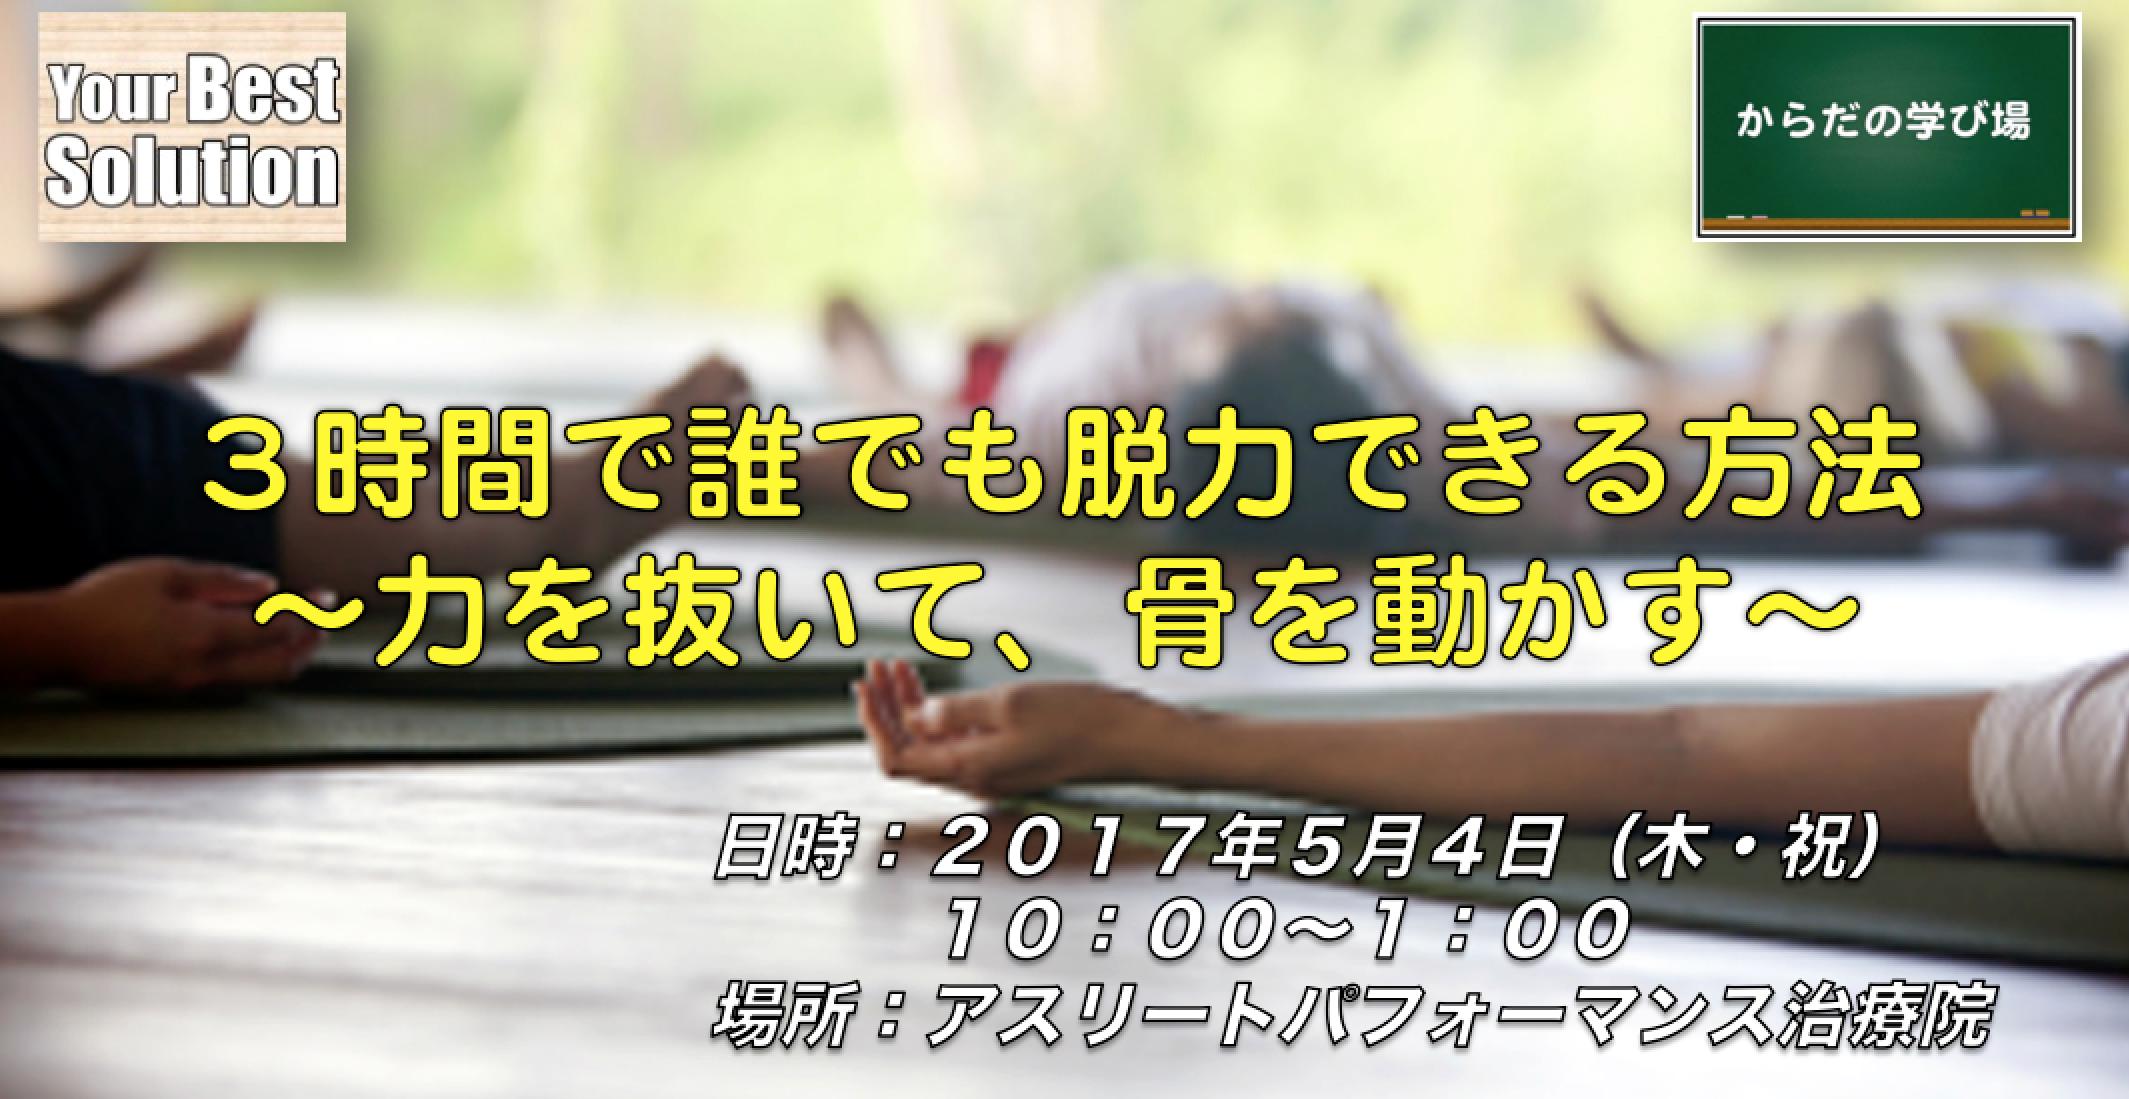 【急募!!!5/4開催】3時間で誰でも脱力できる方法〜力を抜いて、骨を動かす〜